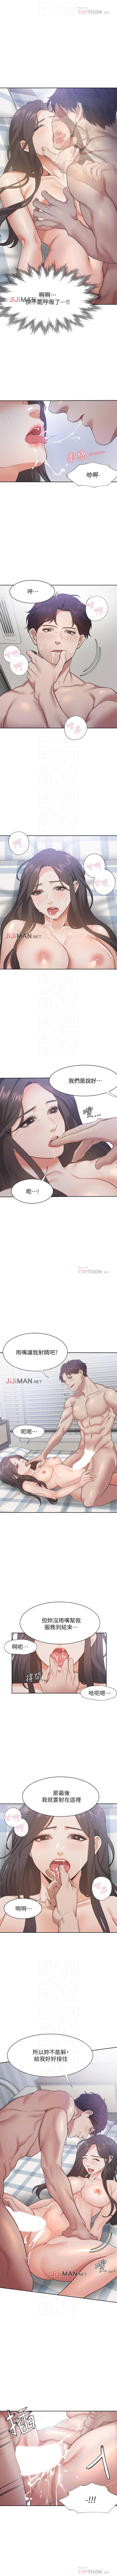 【周五连载】渴望:爱火难耐(作者:Appeal&格子17) 第1~24话 167